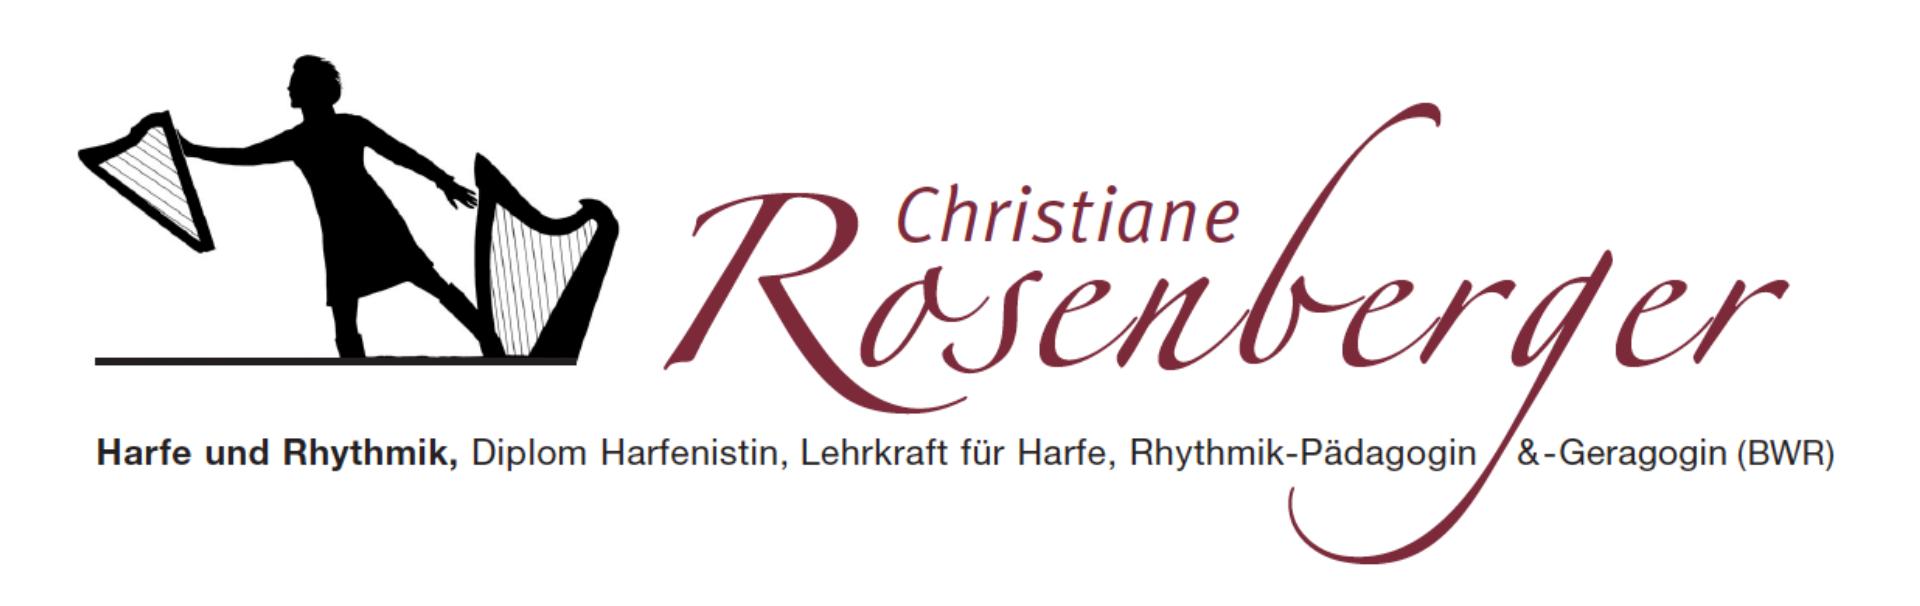 Christiane Rosenberger